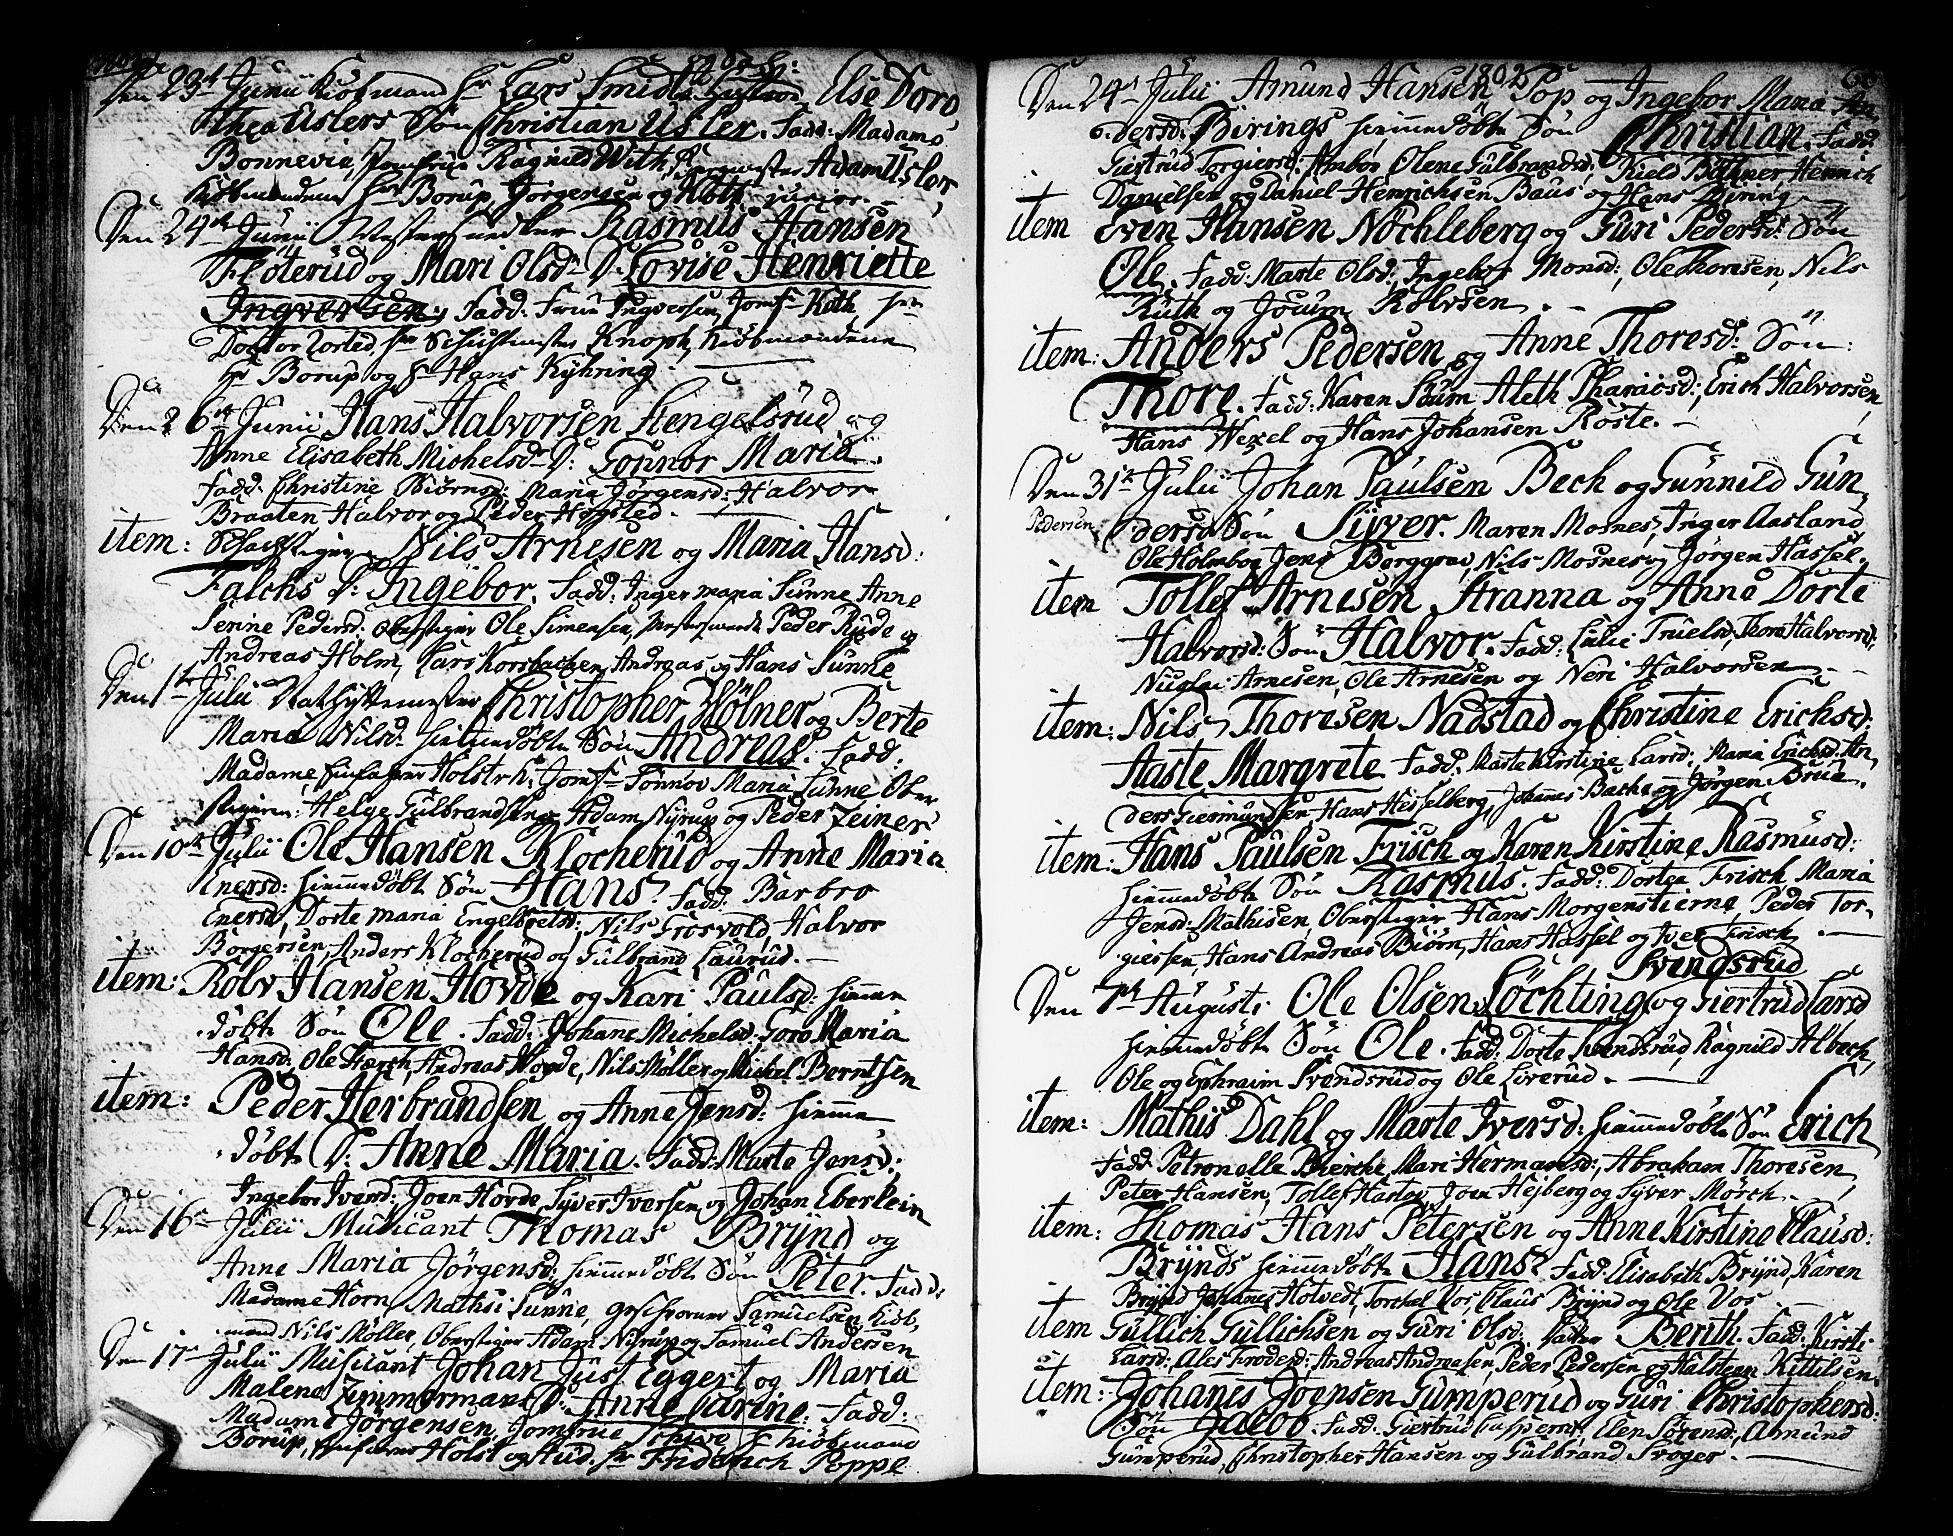 SAKO, Kongsberg kirkebøker, F/Fa/L0007: Ministerialbok nr. I 7, 1795-1816, s. 66